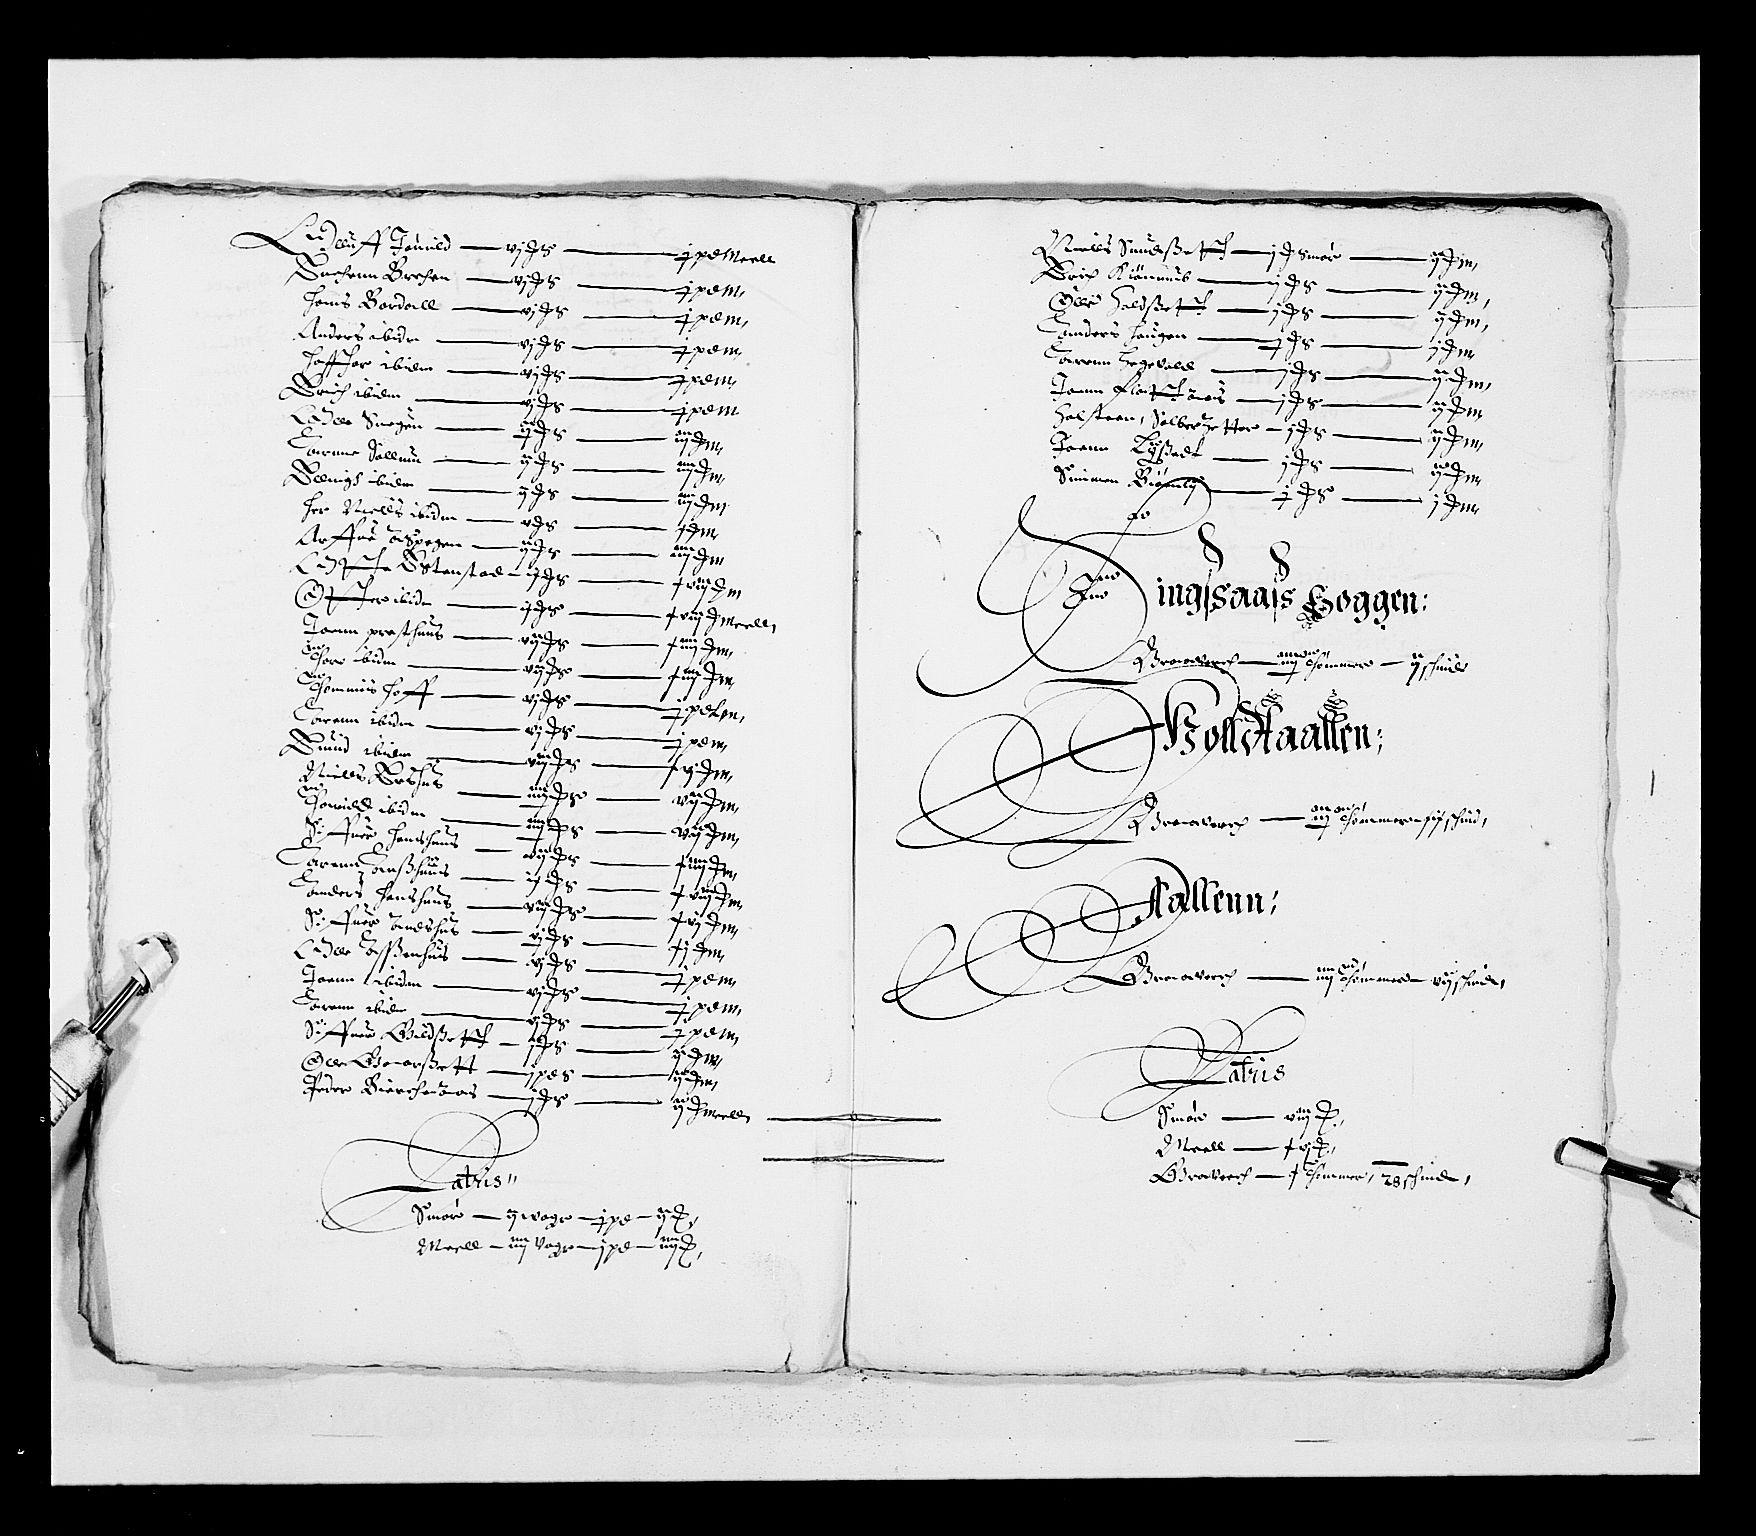 RA, Stattholderembetet 1572-1771, Ek/L0028: Jordebøker 1633-1658:, 1645-1646, s. 216